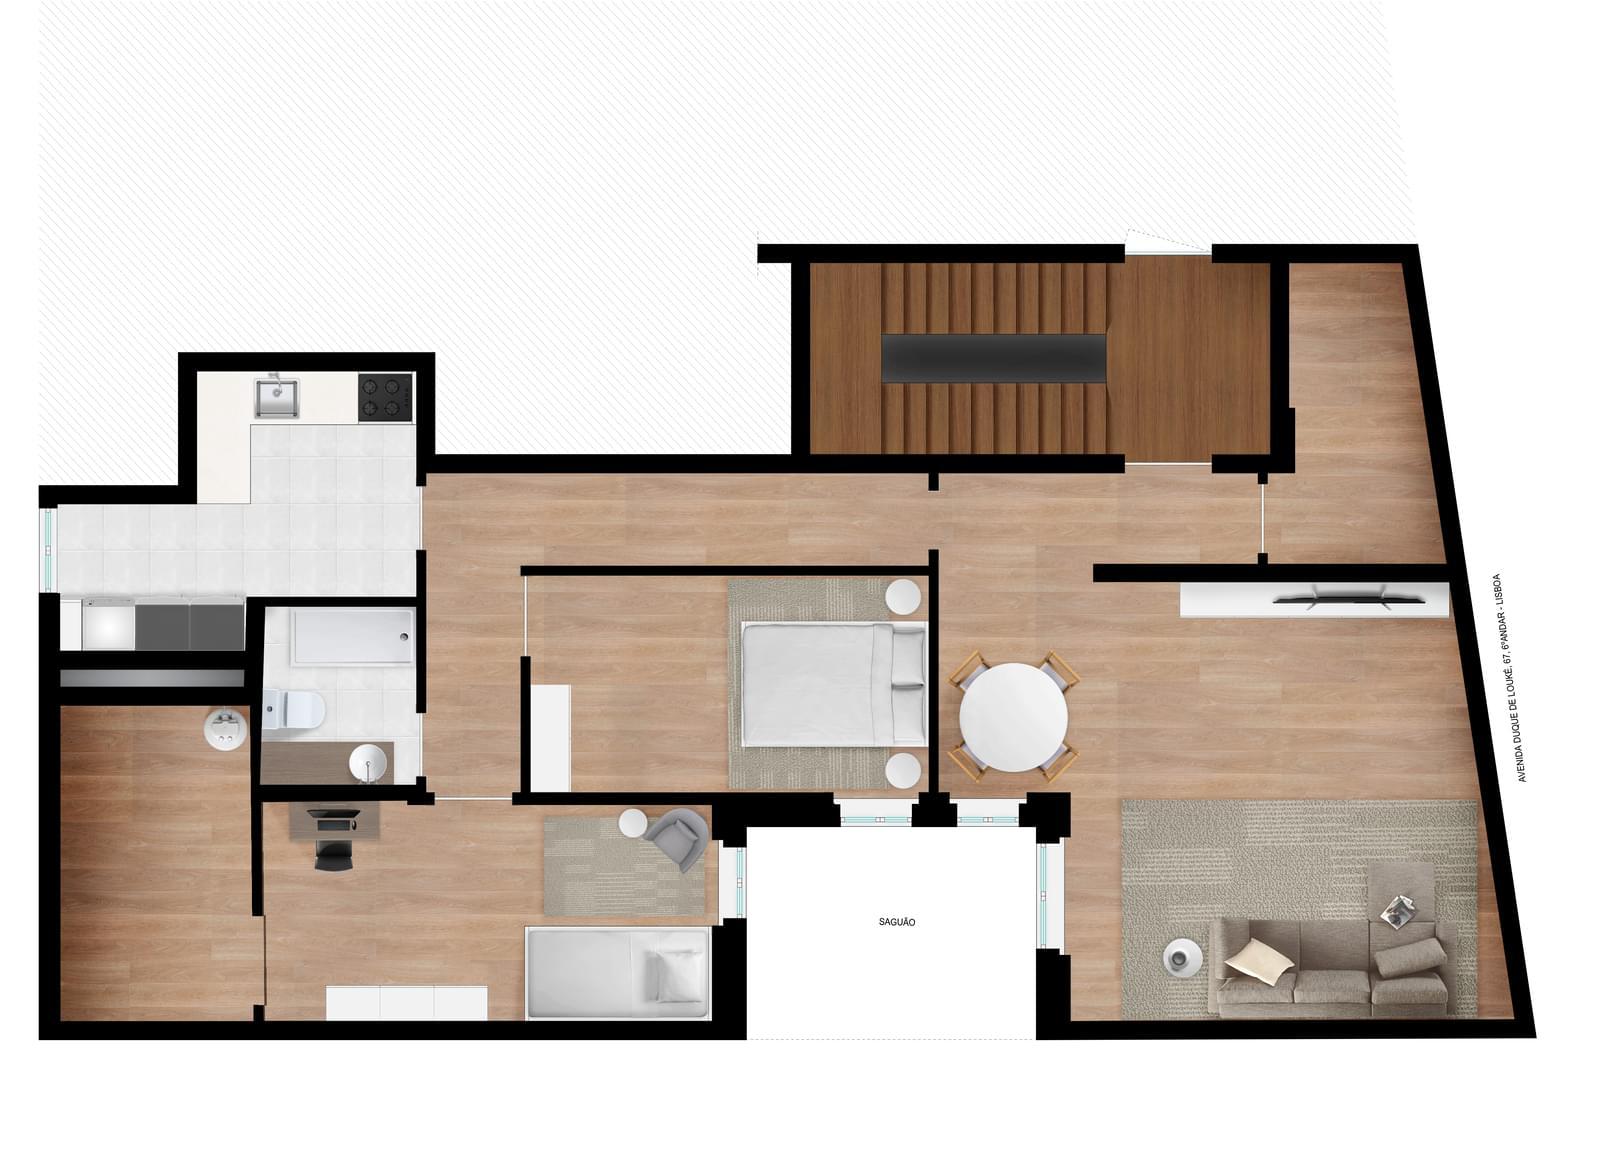 pf17054-apartamento-t2-lisboa-7eed40e8-6afb-41ed-8f87-9783e1f668ae